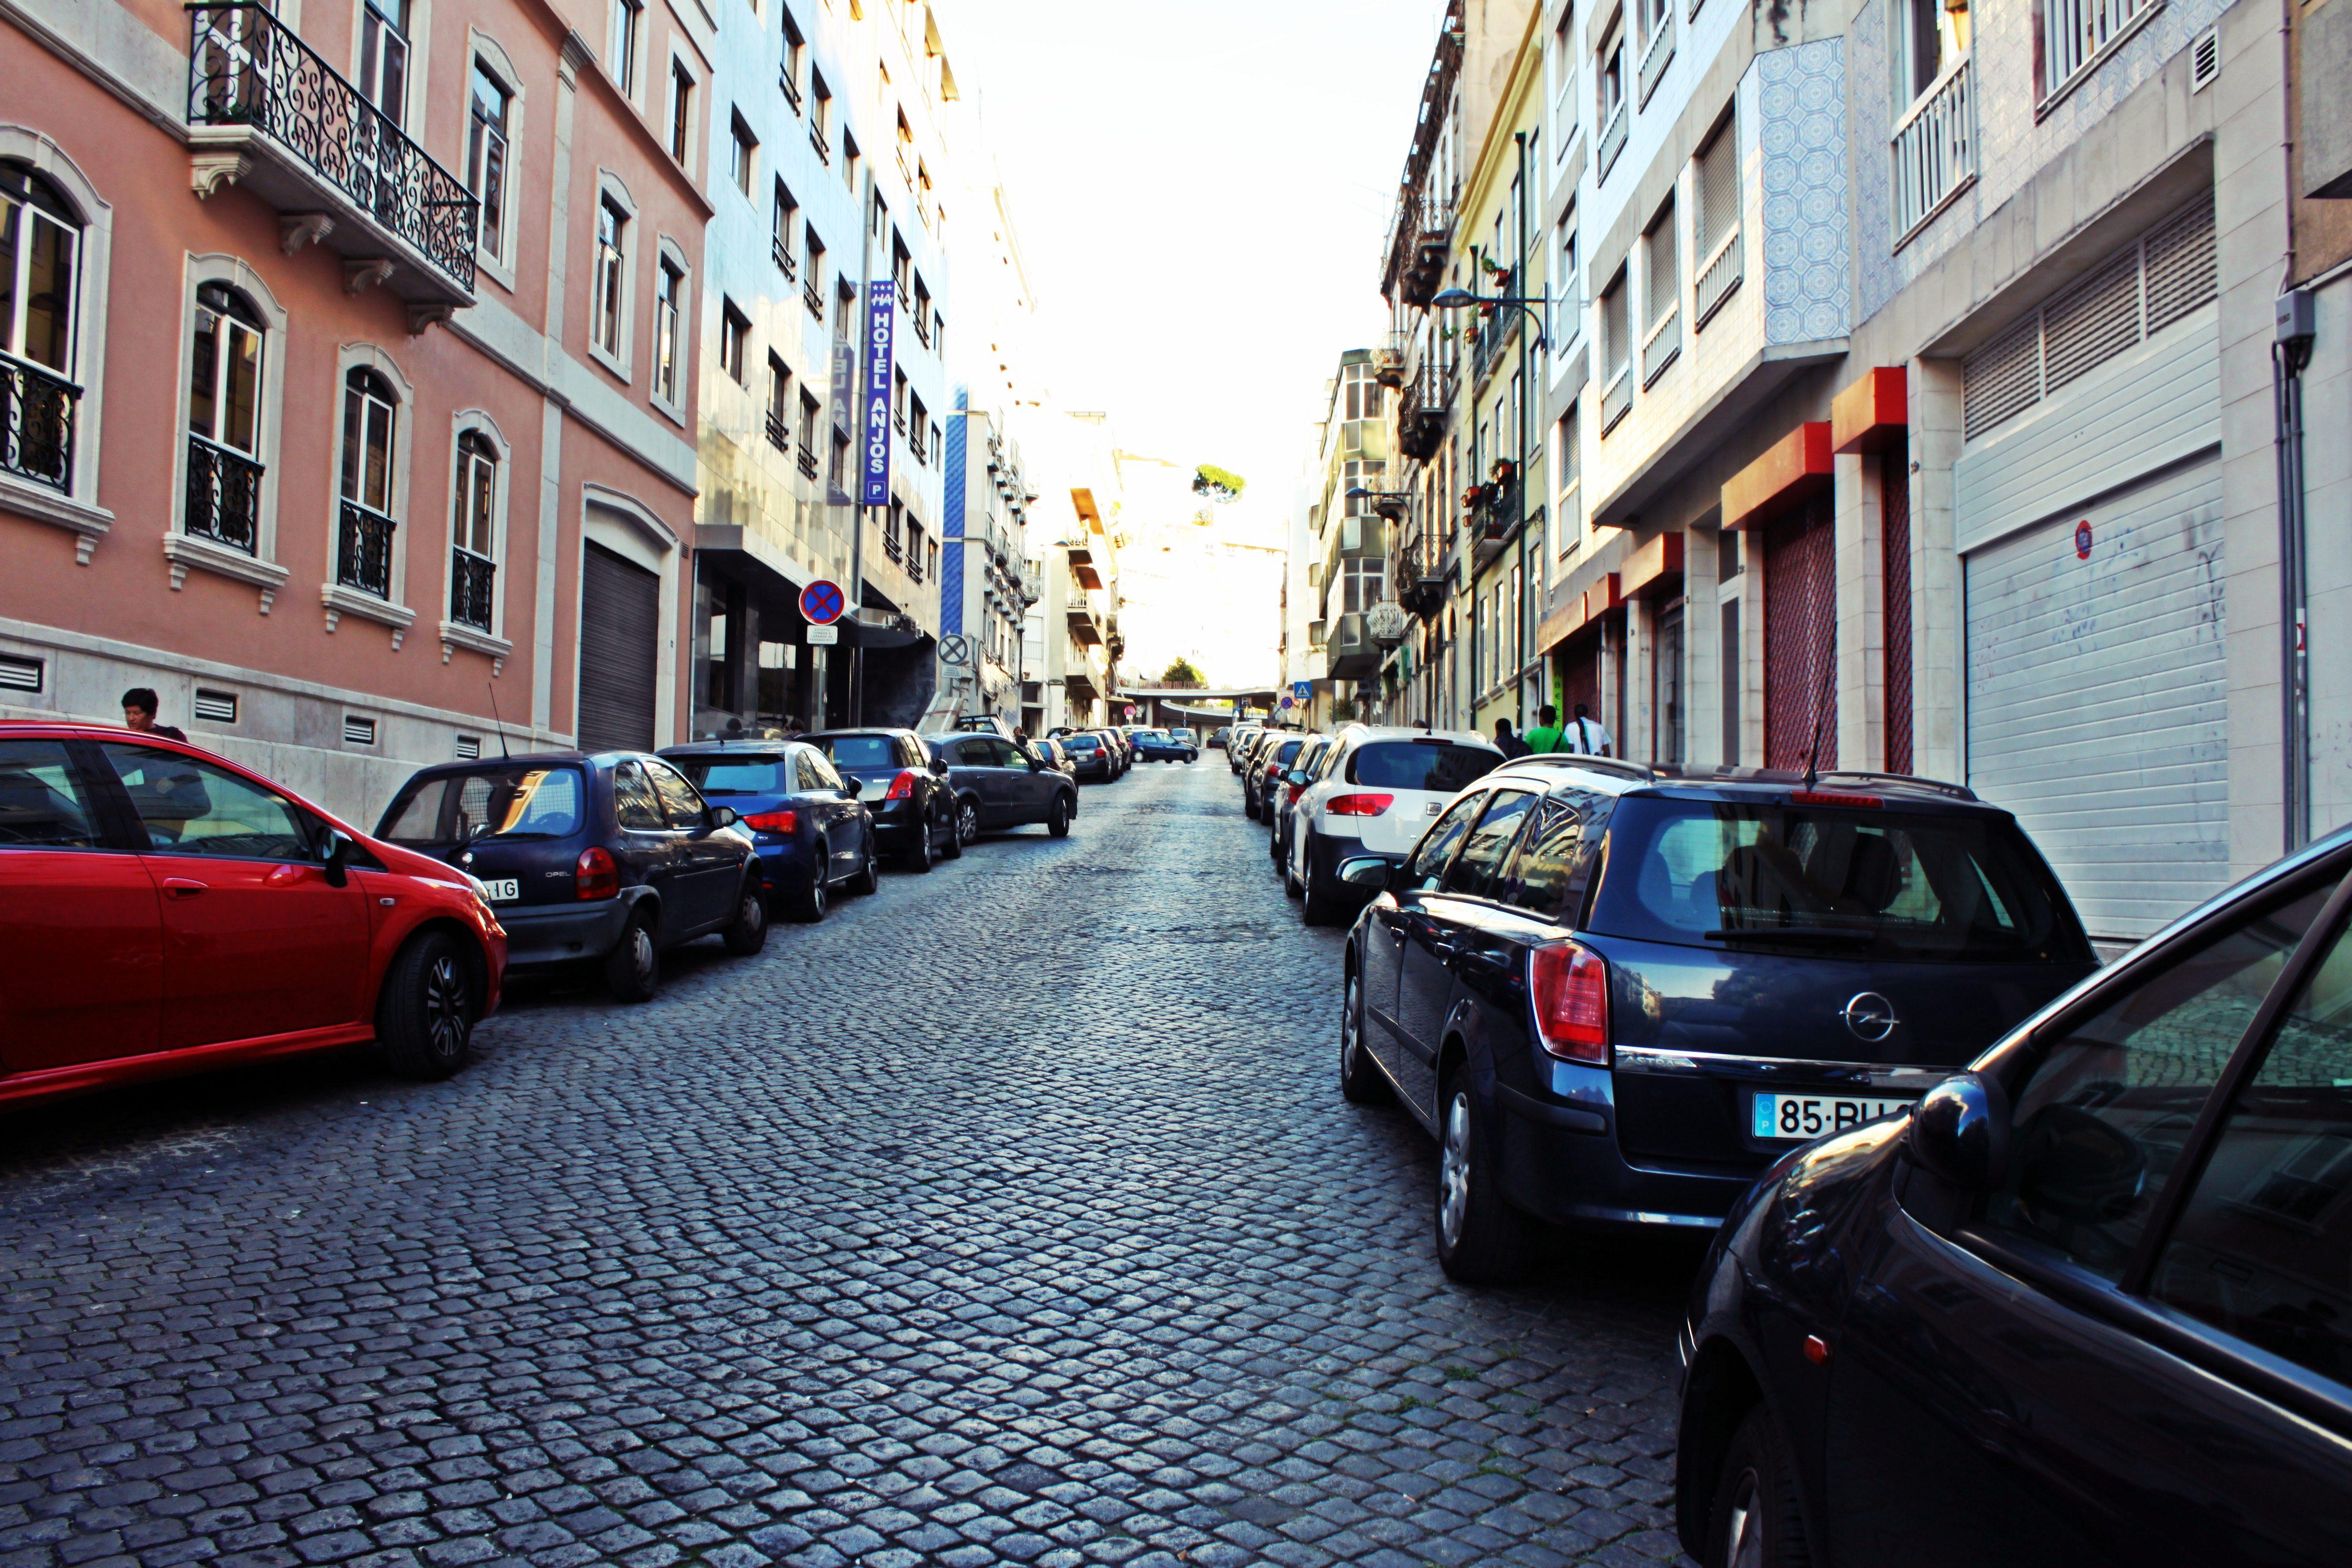 Portugalia: Contribuabilii corecţi au şansa să câştige o maşină pe săptămână